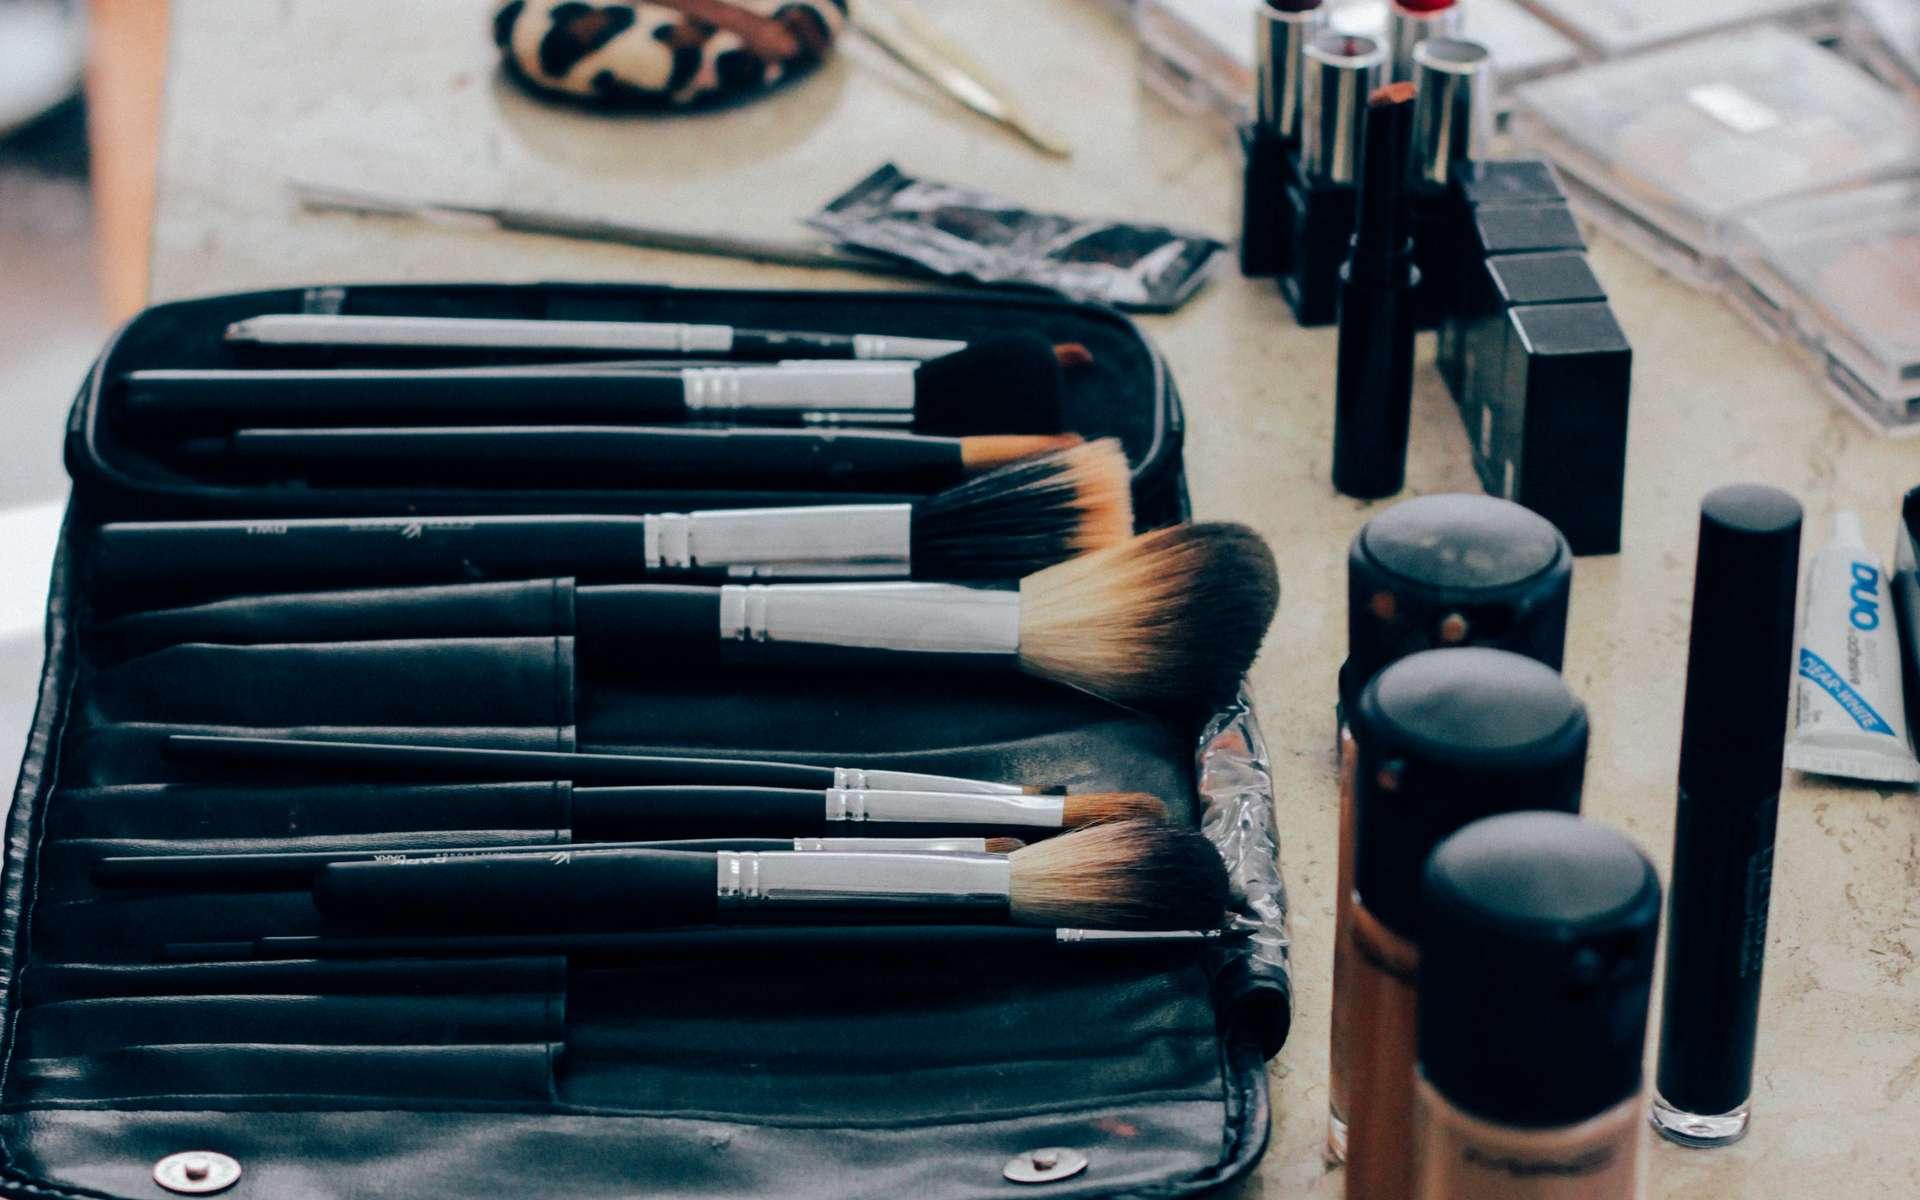 Près de 90 % des produits cosmétiques testés dans cette étude sont contaminés par des bactéries. © CC0 1.0, Public Domain